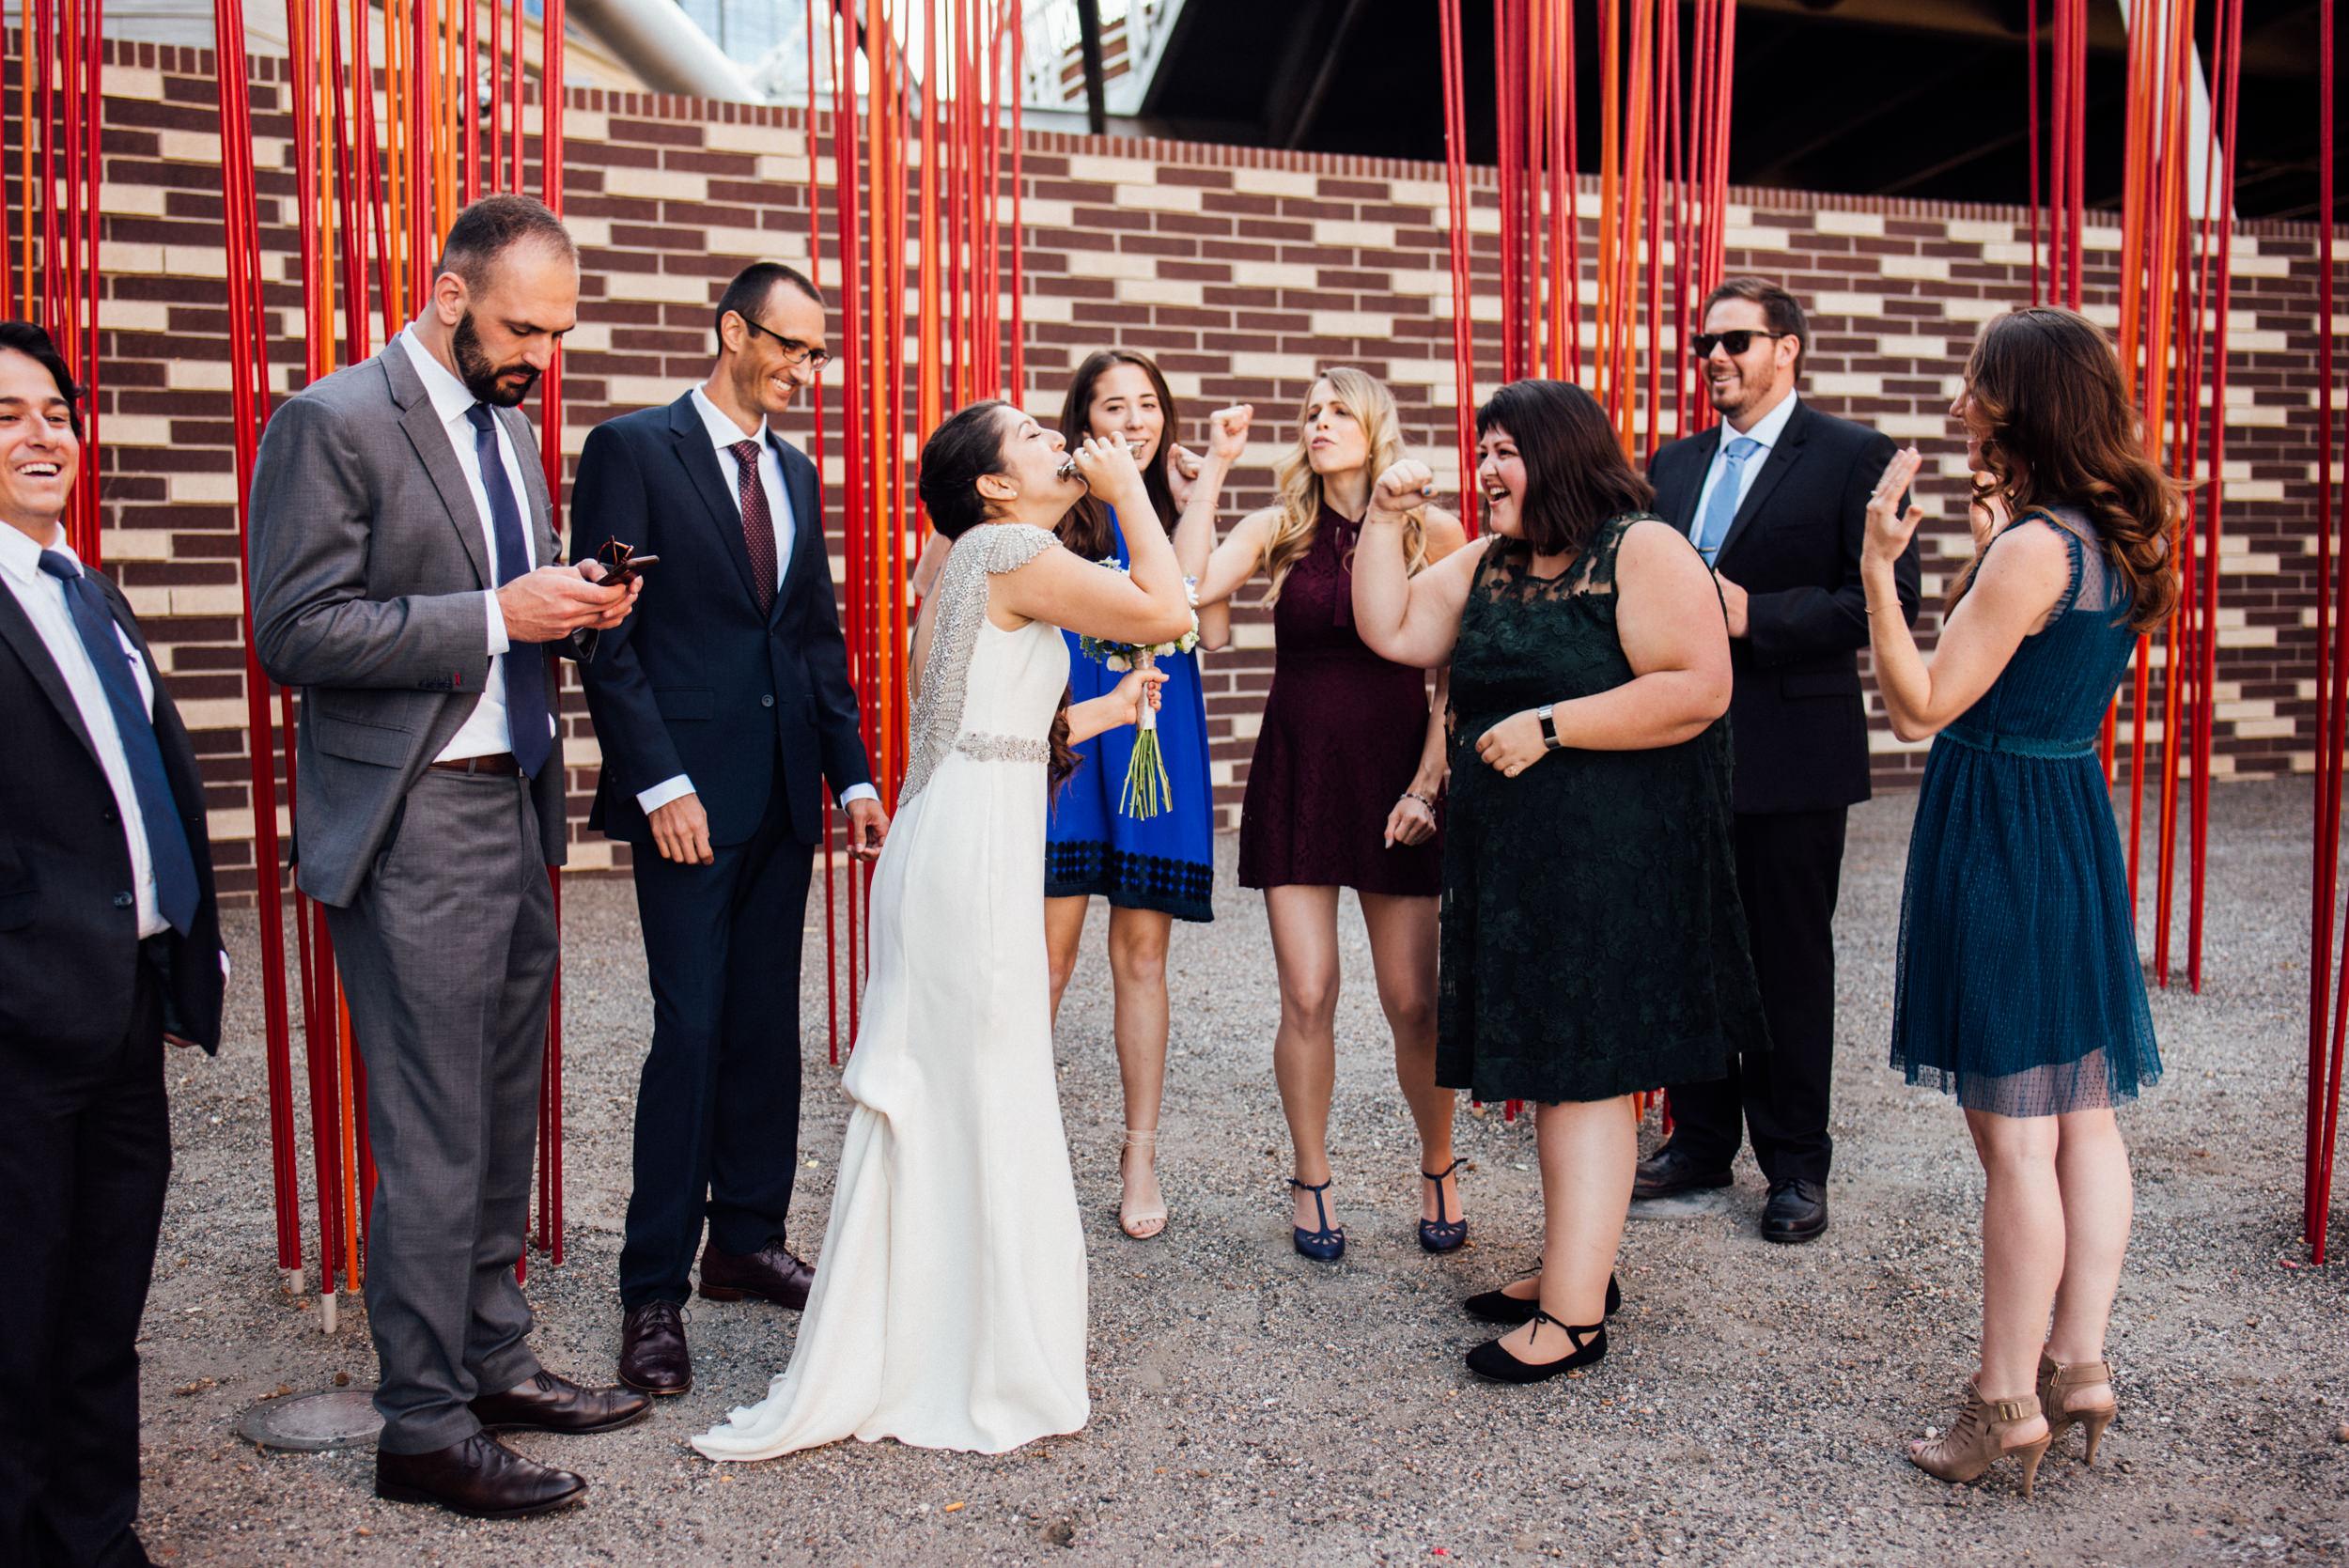 Colorado Denver Downtown Urban Wedding Colorado Wedding Photographer Friends Having Fun